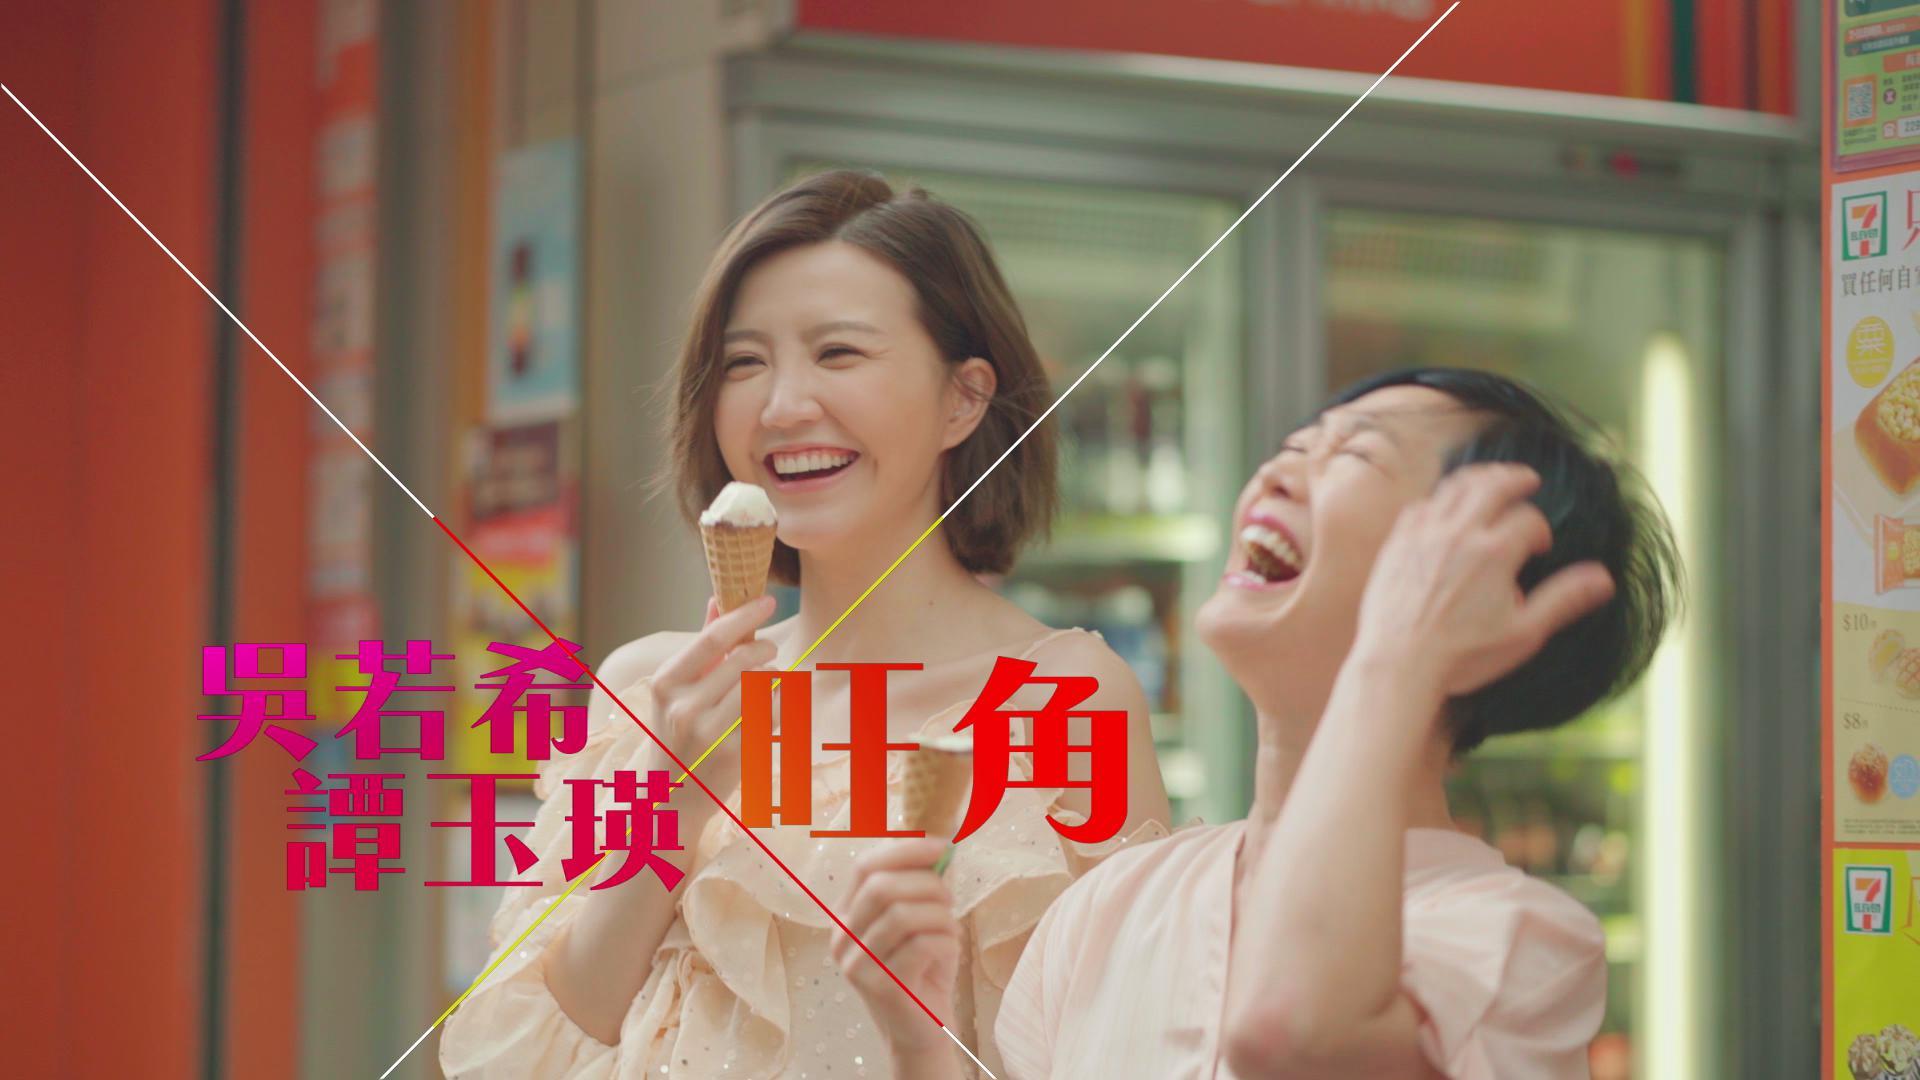 #4 譚玉瑛、吳若希 - 旺角篇